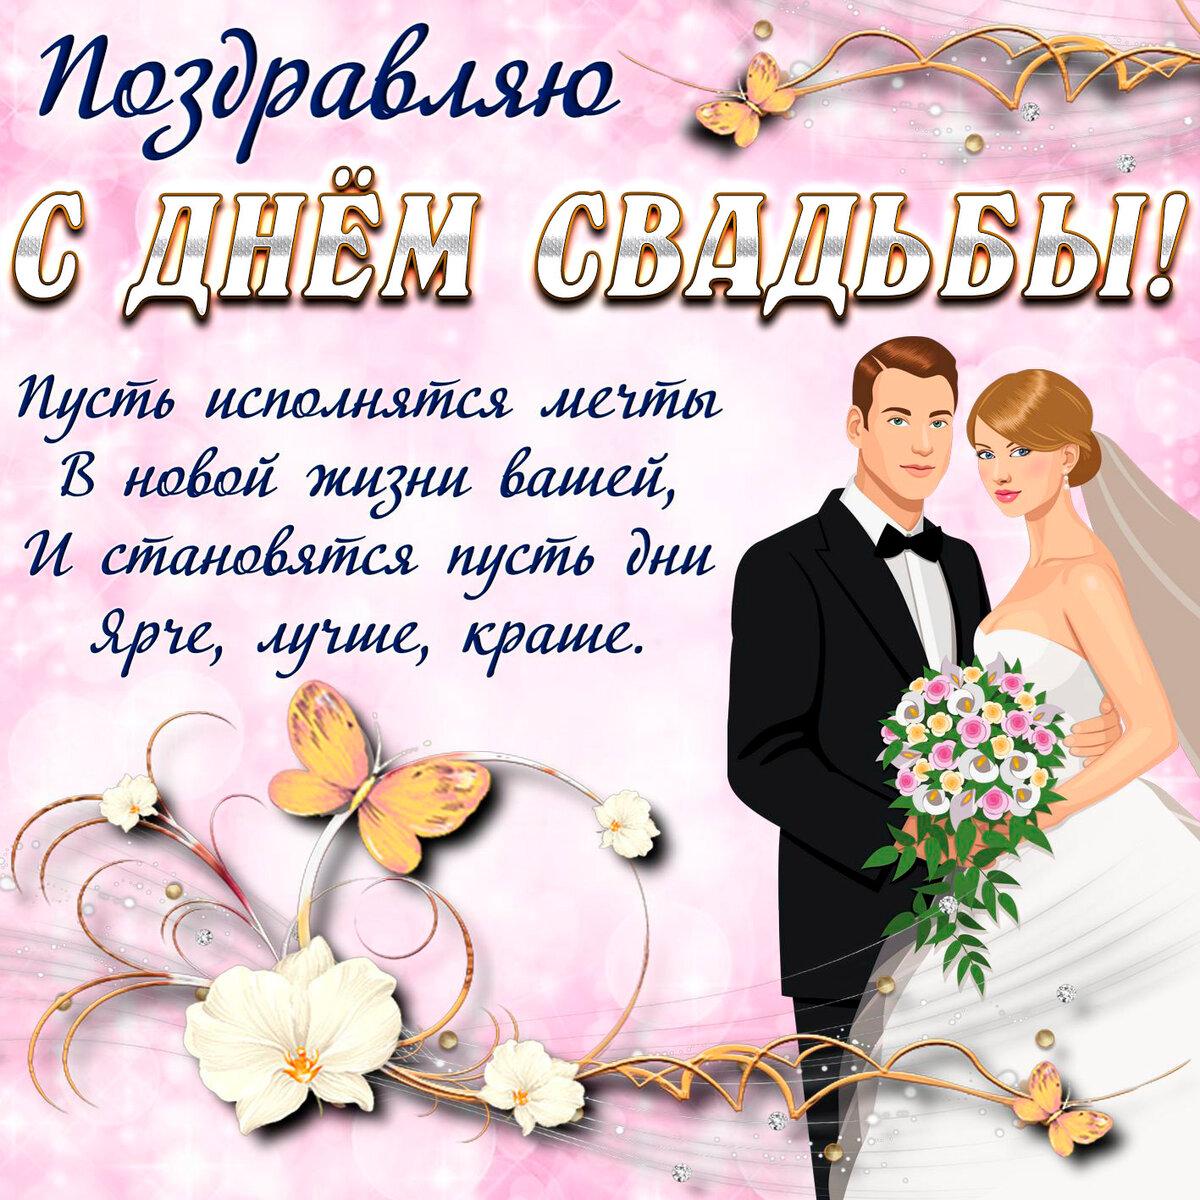 Карапуз днем, поздравления с днем свадьбы в красивых открытках